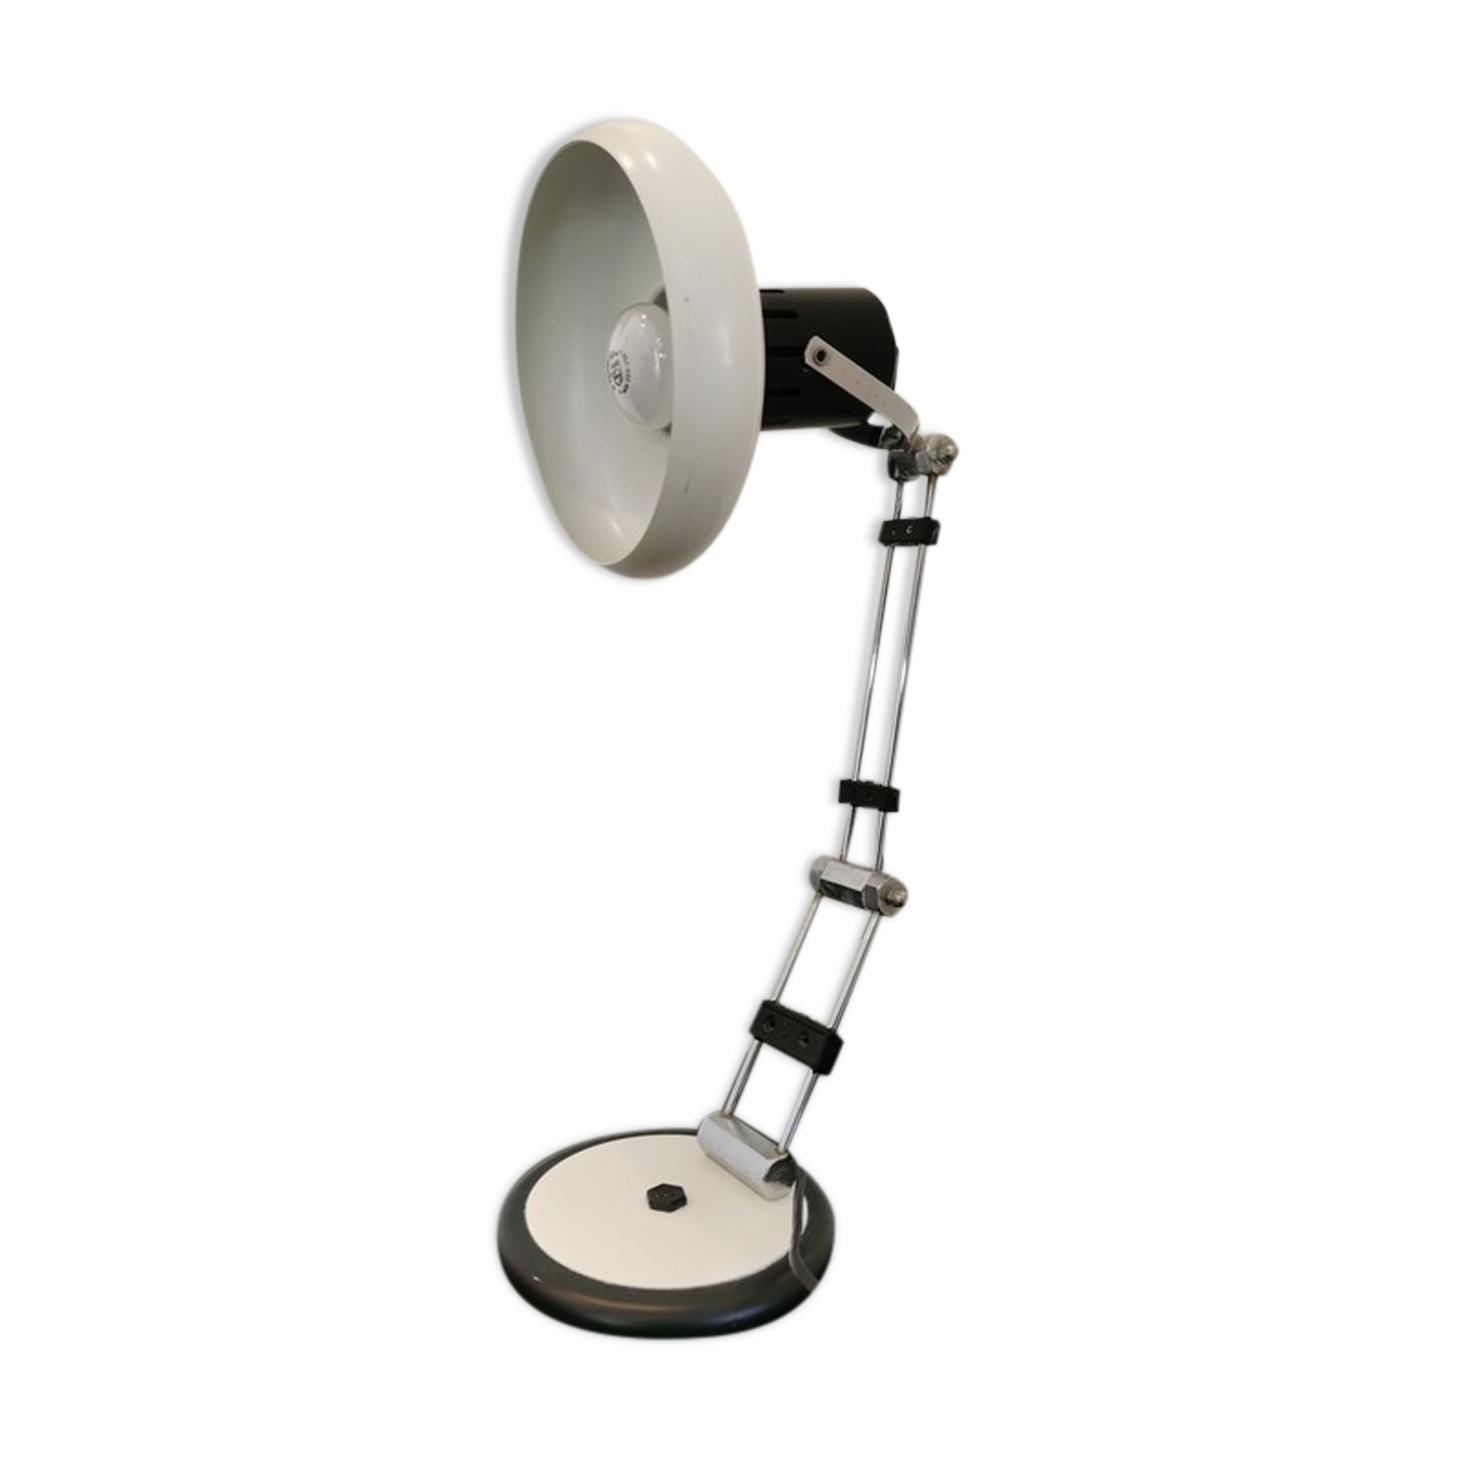 Lampe de bureau blanche année 80 style industriel